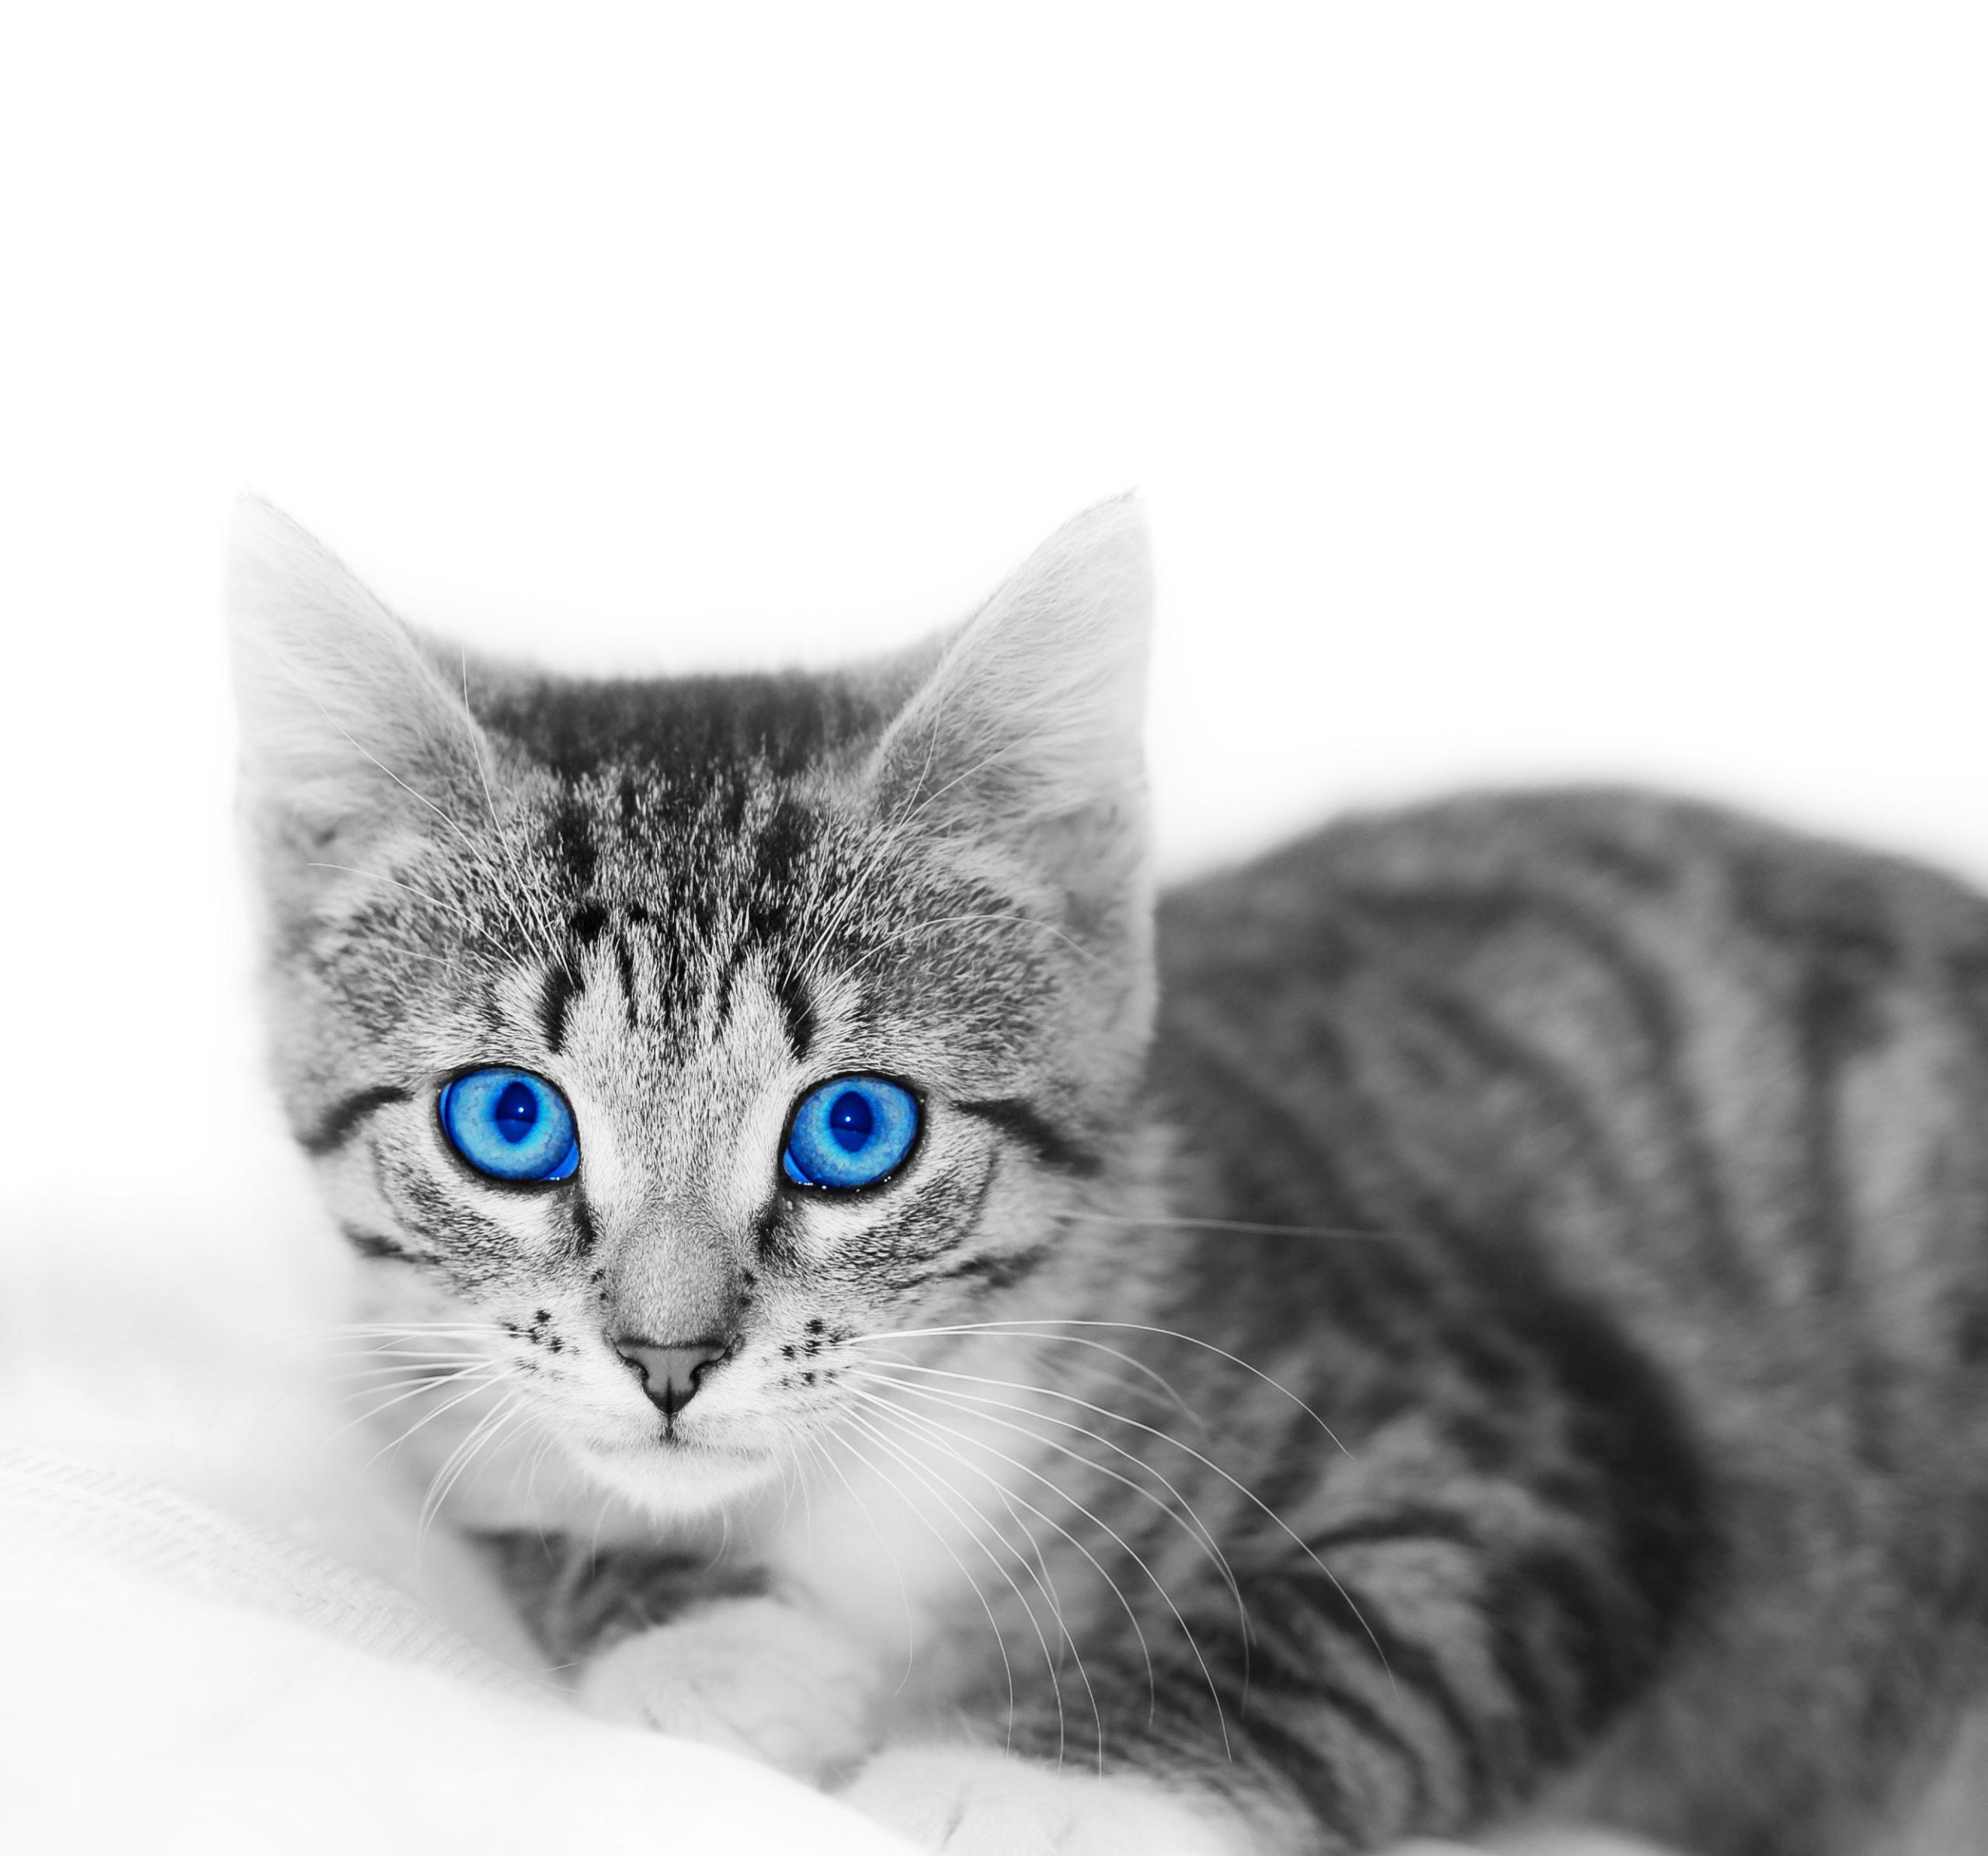 子猫と成猫の目の変化